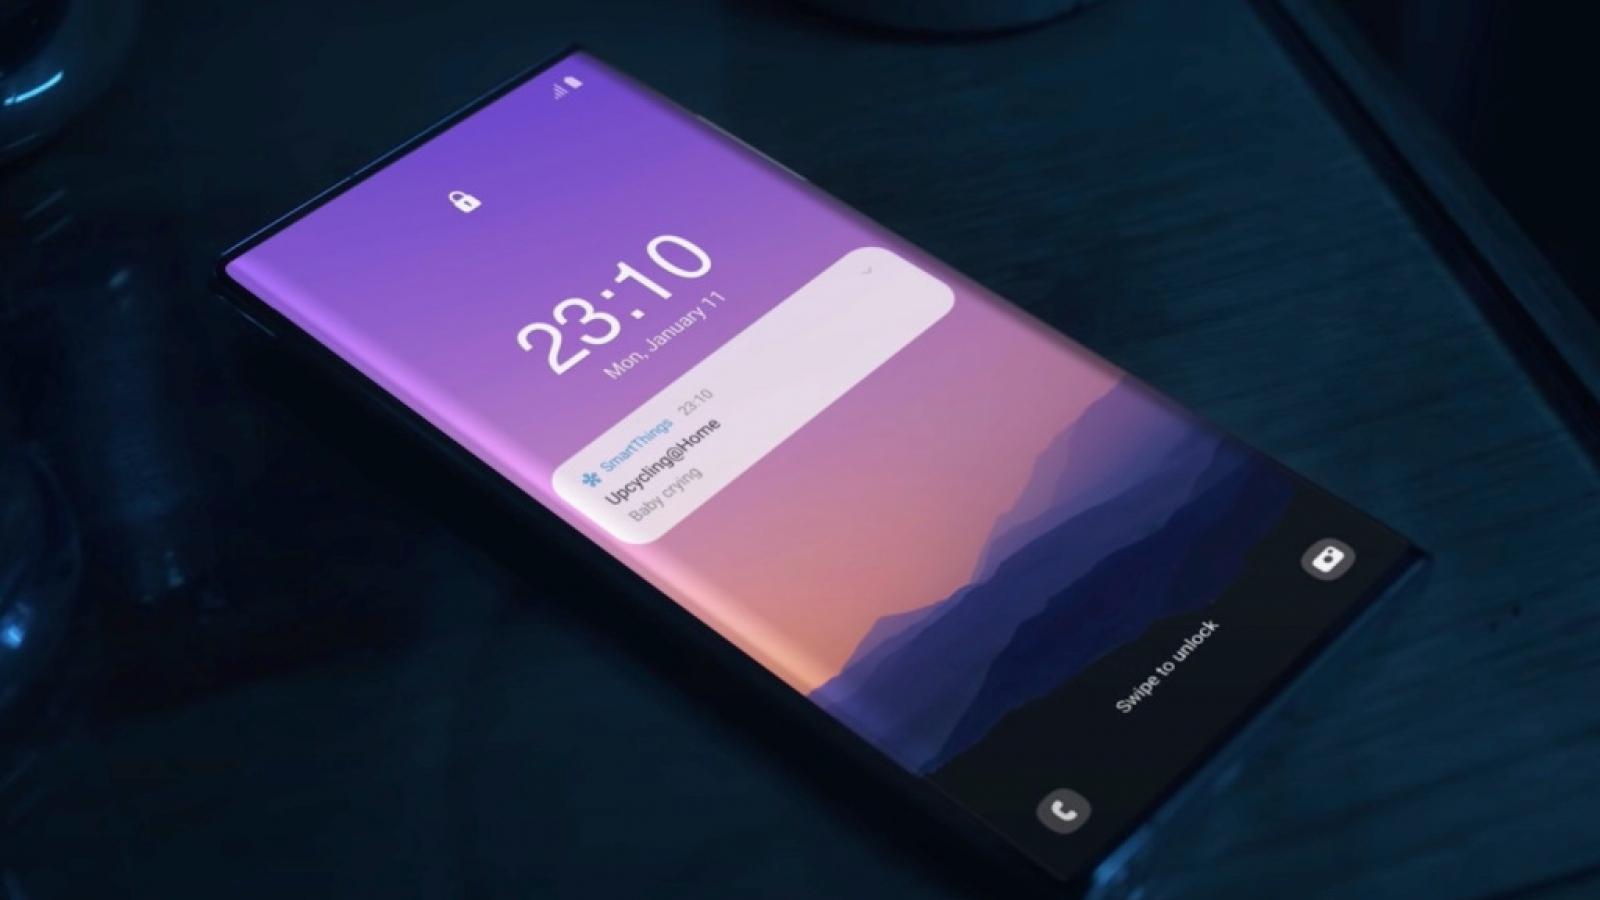 Nâng cấp màn hình thú vị sẽ đến với nhiều smartphone Android trong năm nay